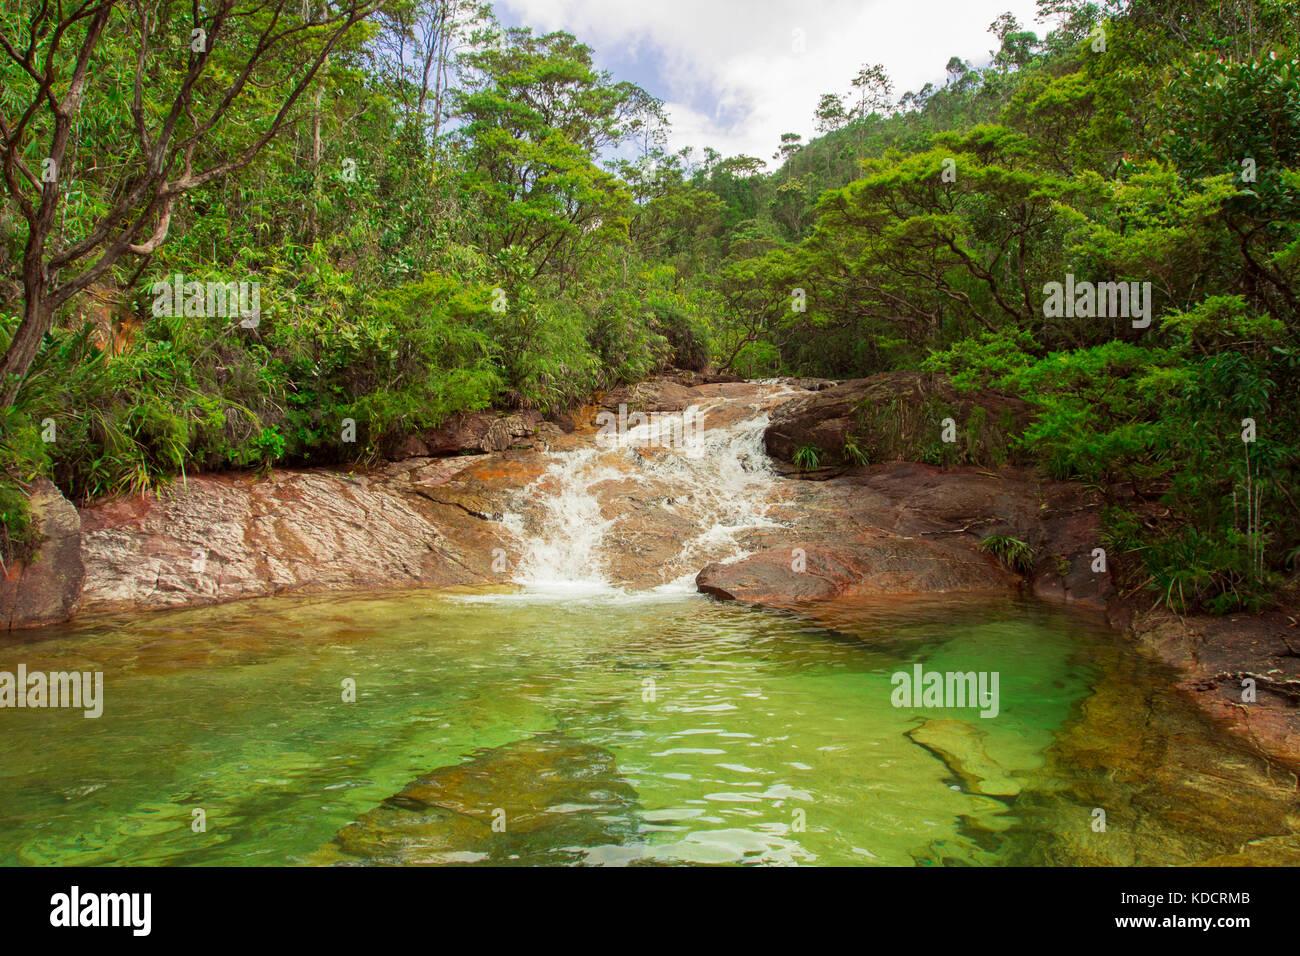 waterfall in tropical rainforest, Chemerong Berembun Langsir, CBL, malaysia - Stock Image